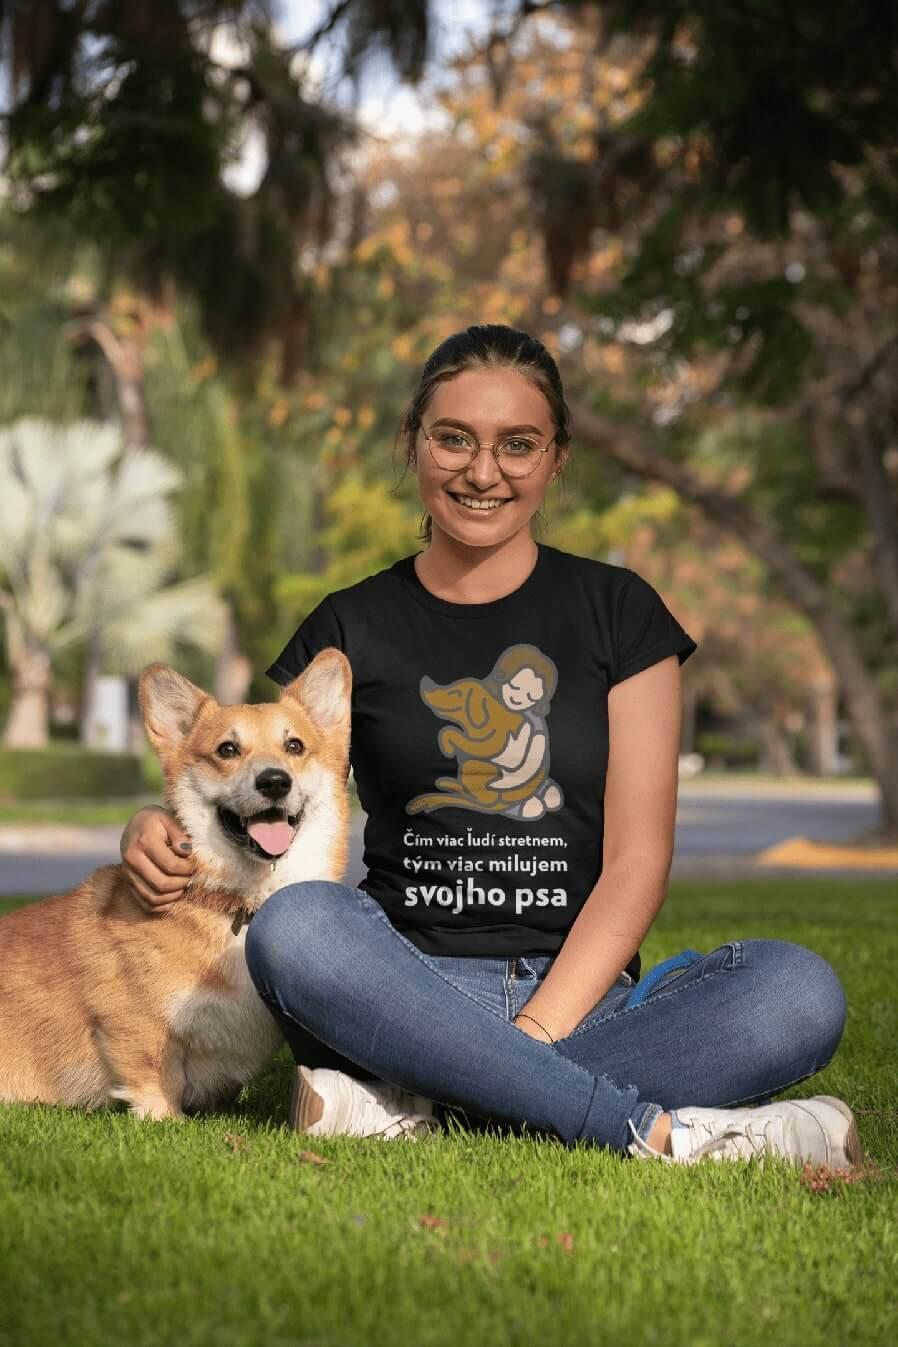 MMO Dámske tričko Milujem svojho psa Vyberte farbu: Čierna, Vyberte veľkosť: XS